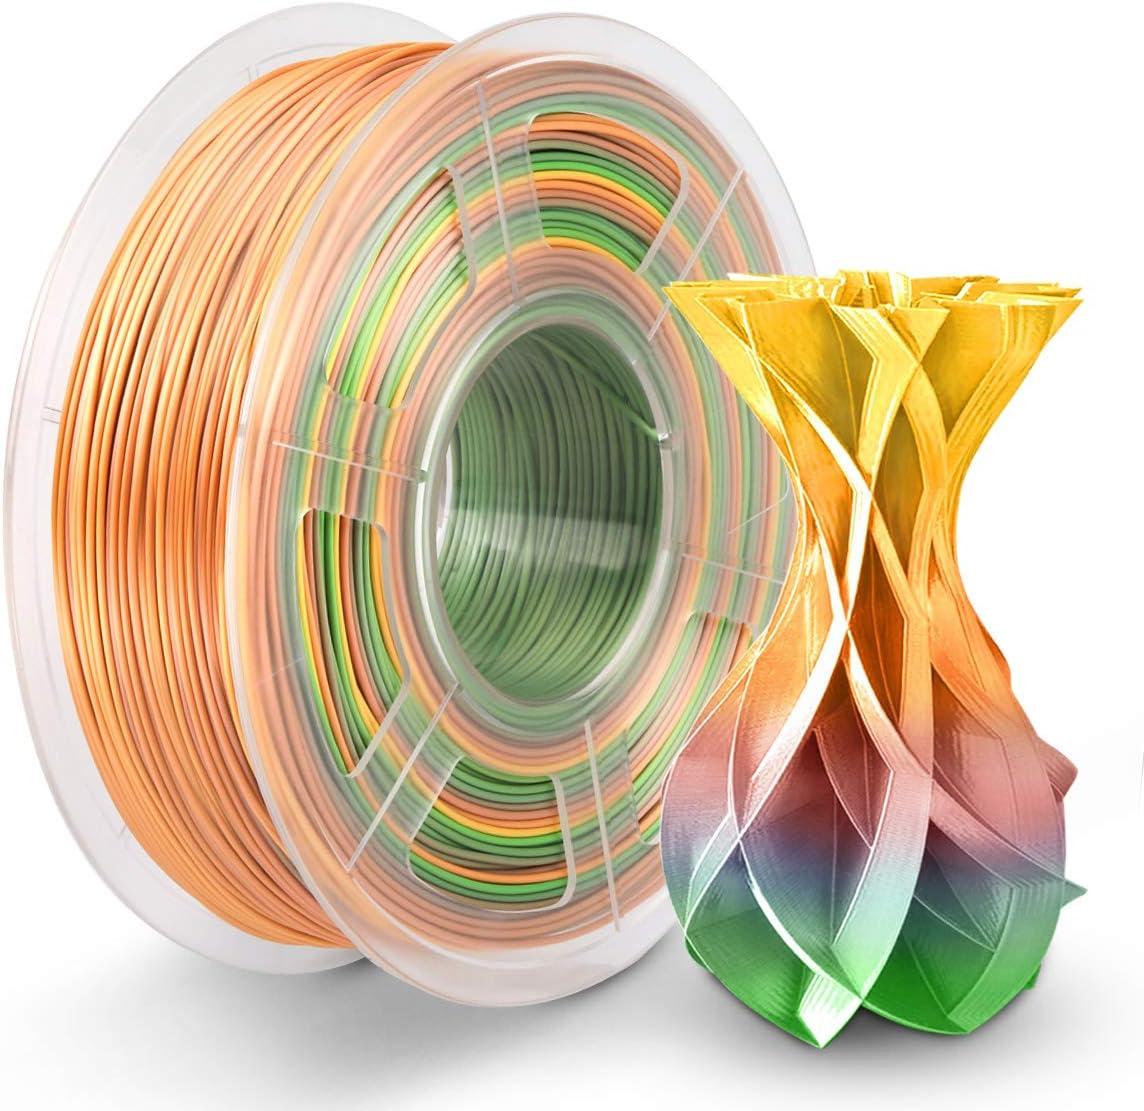 PLA Silk Rainbow Filament 1.75mm, PLA Filament Imprimante 3D 1KG Brilliant Multicolore Arc Ciel Effetr Soie